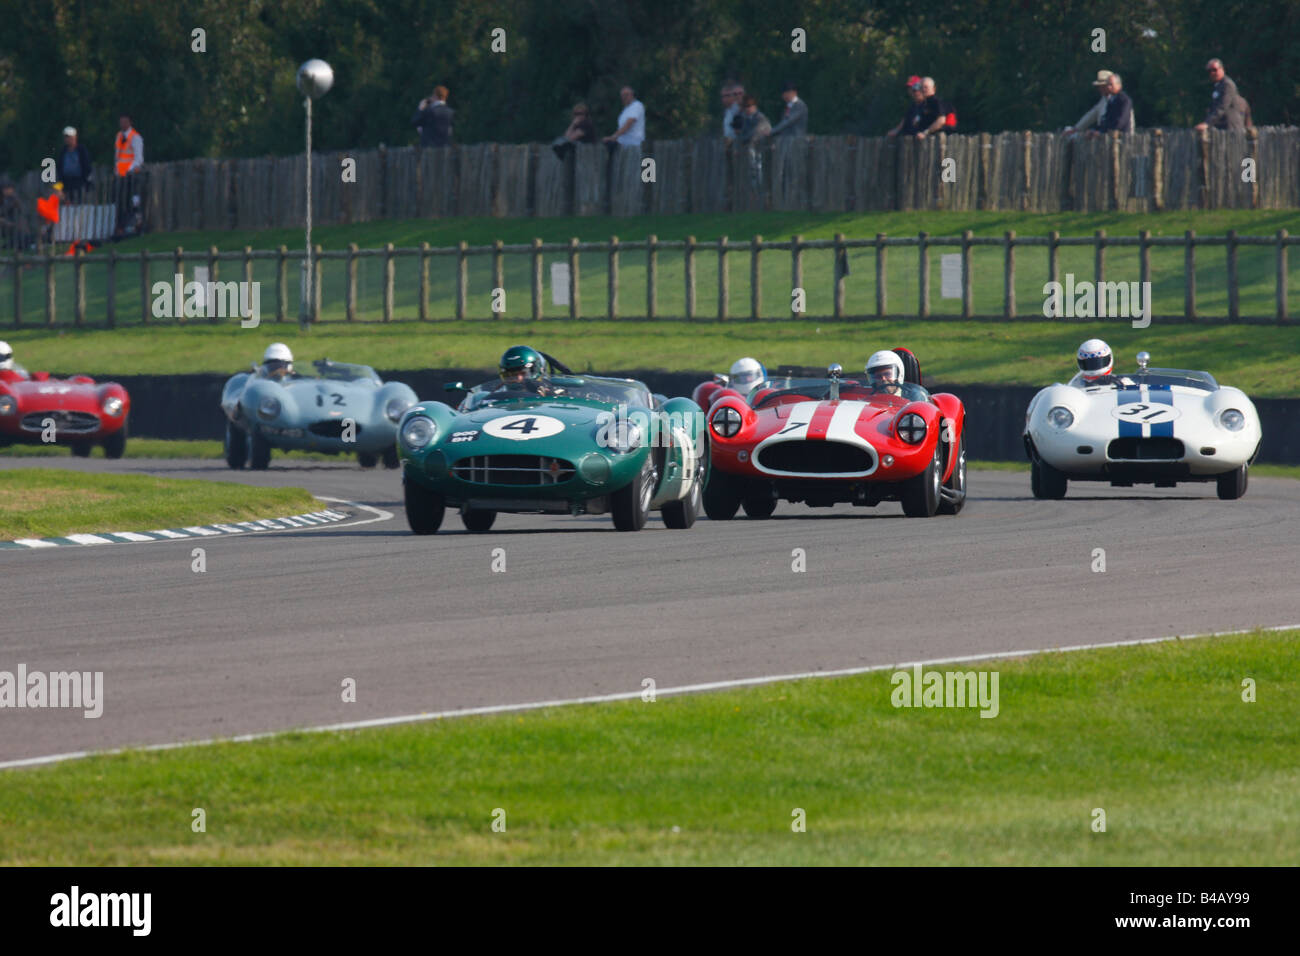 Les courses de voitures de sport classique au Goodwood Revival meeting 2008 Banque D'Images